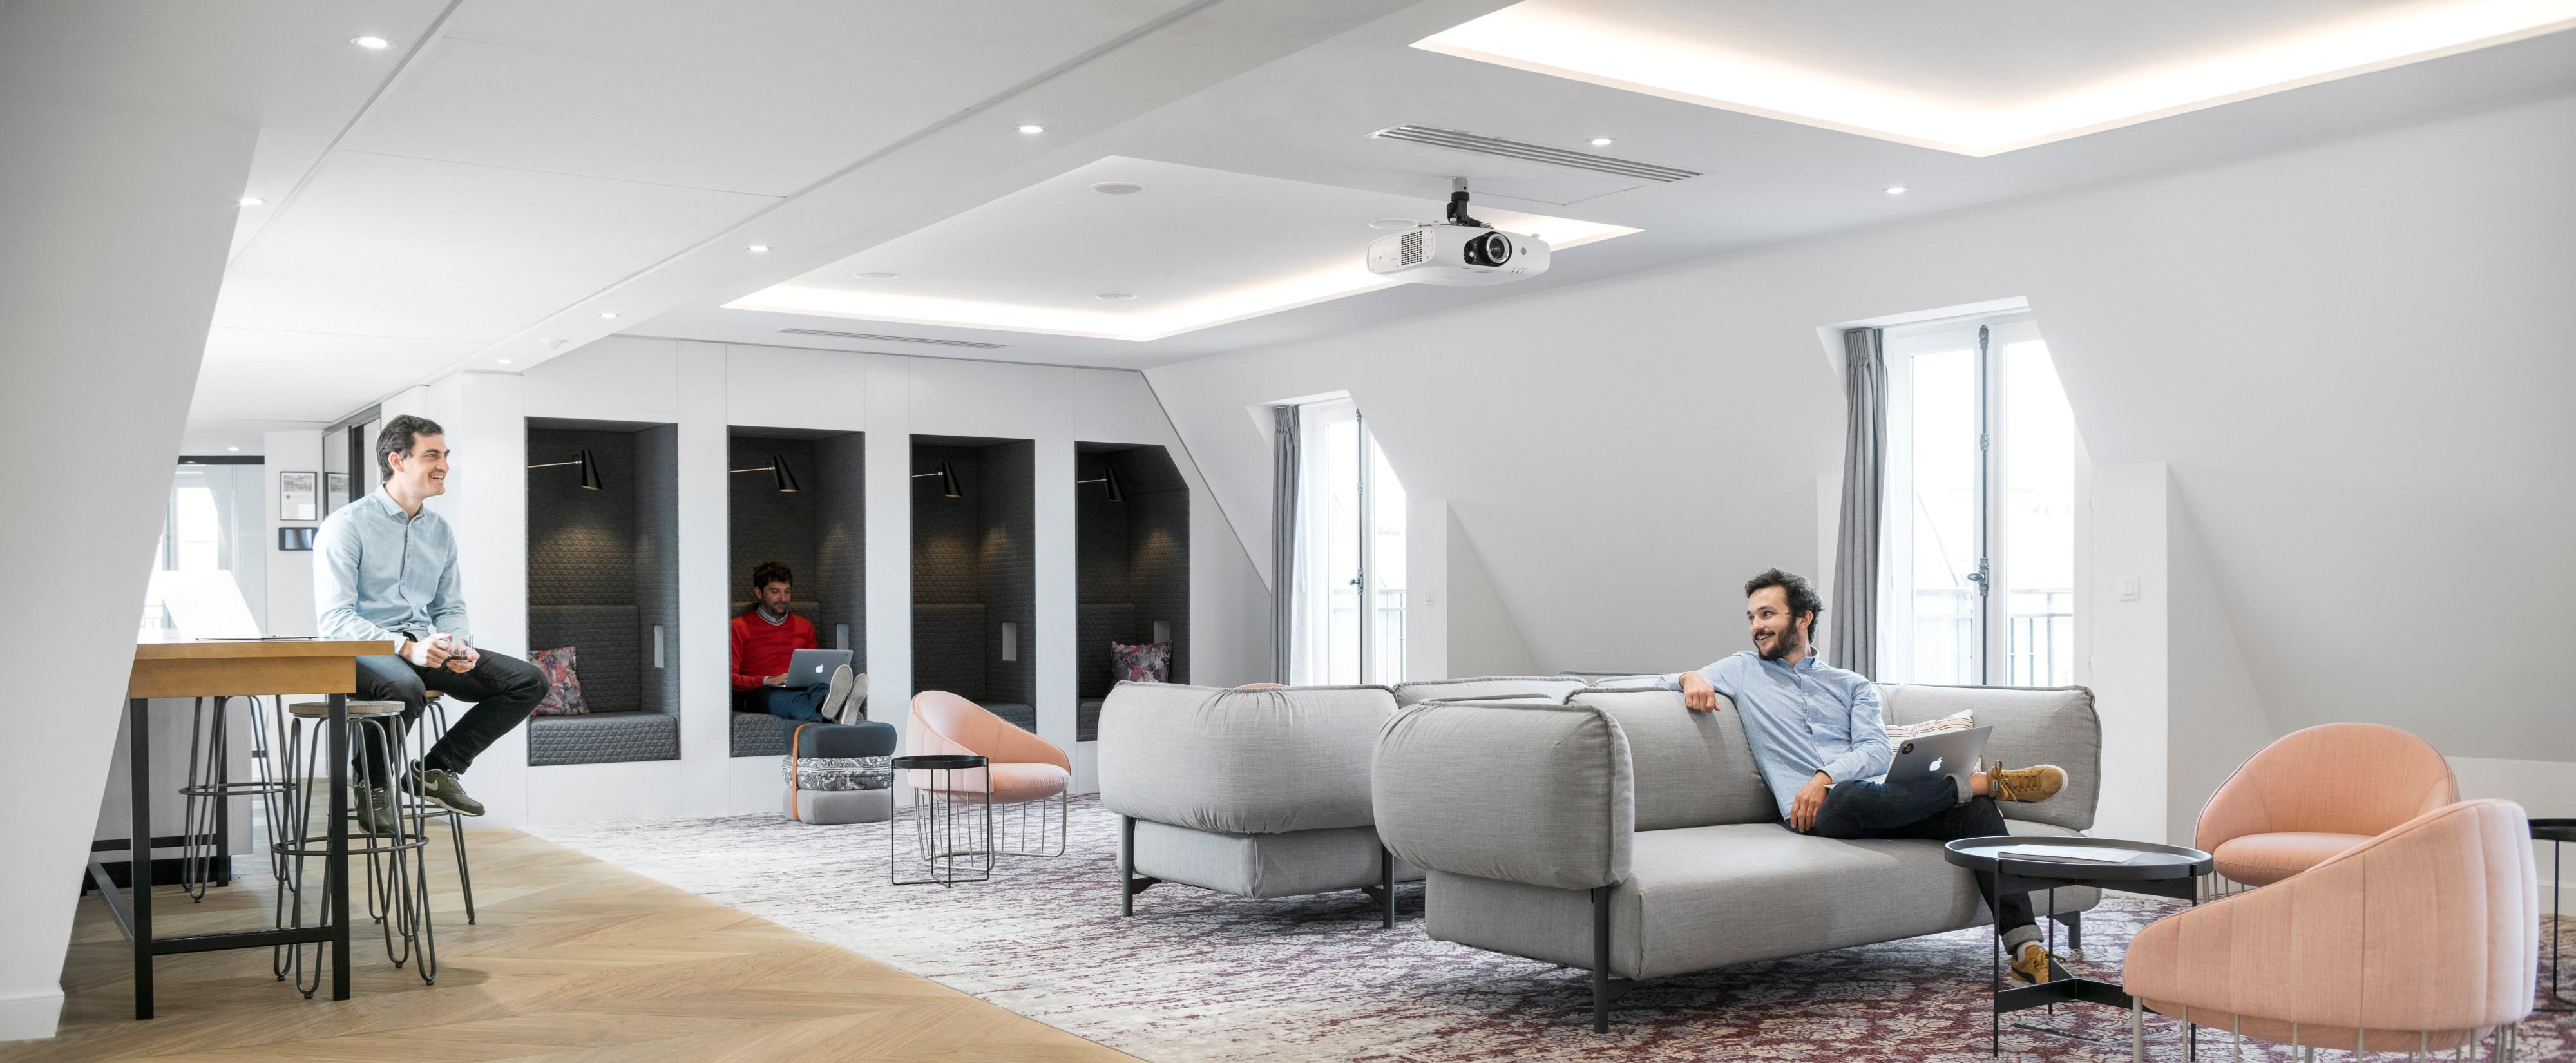 Airbnb lance le Nid, un espace dédié au voyage au sein de ses nouveaux bureaux parisiens